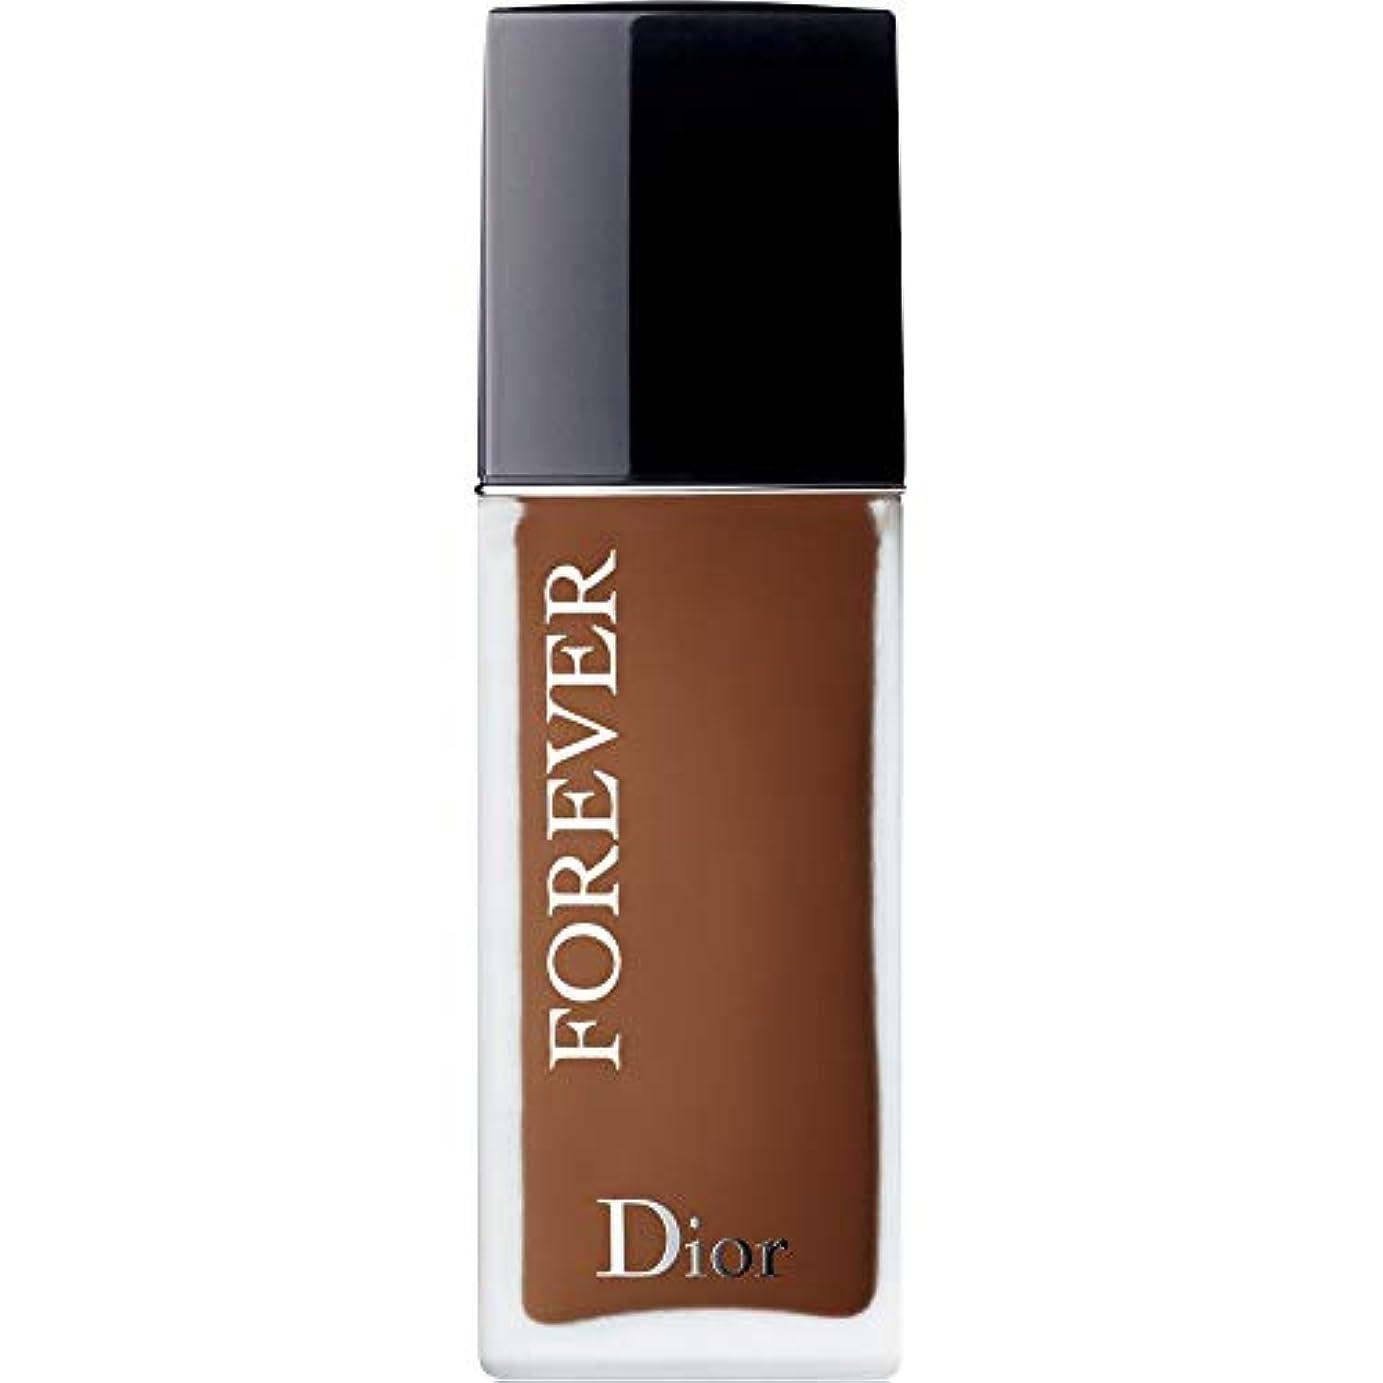 フロー暖炉むしろ[Dior ] ディオール永遠皮膚思いやりの基盤Spf35 30ミリリットルの8N - ニュートラル(つや消し) - DIOR Forever Skin-Caring Foundation SPF35 30ml 8N -...